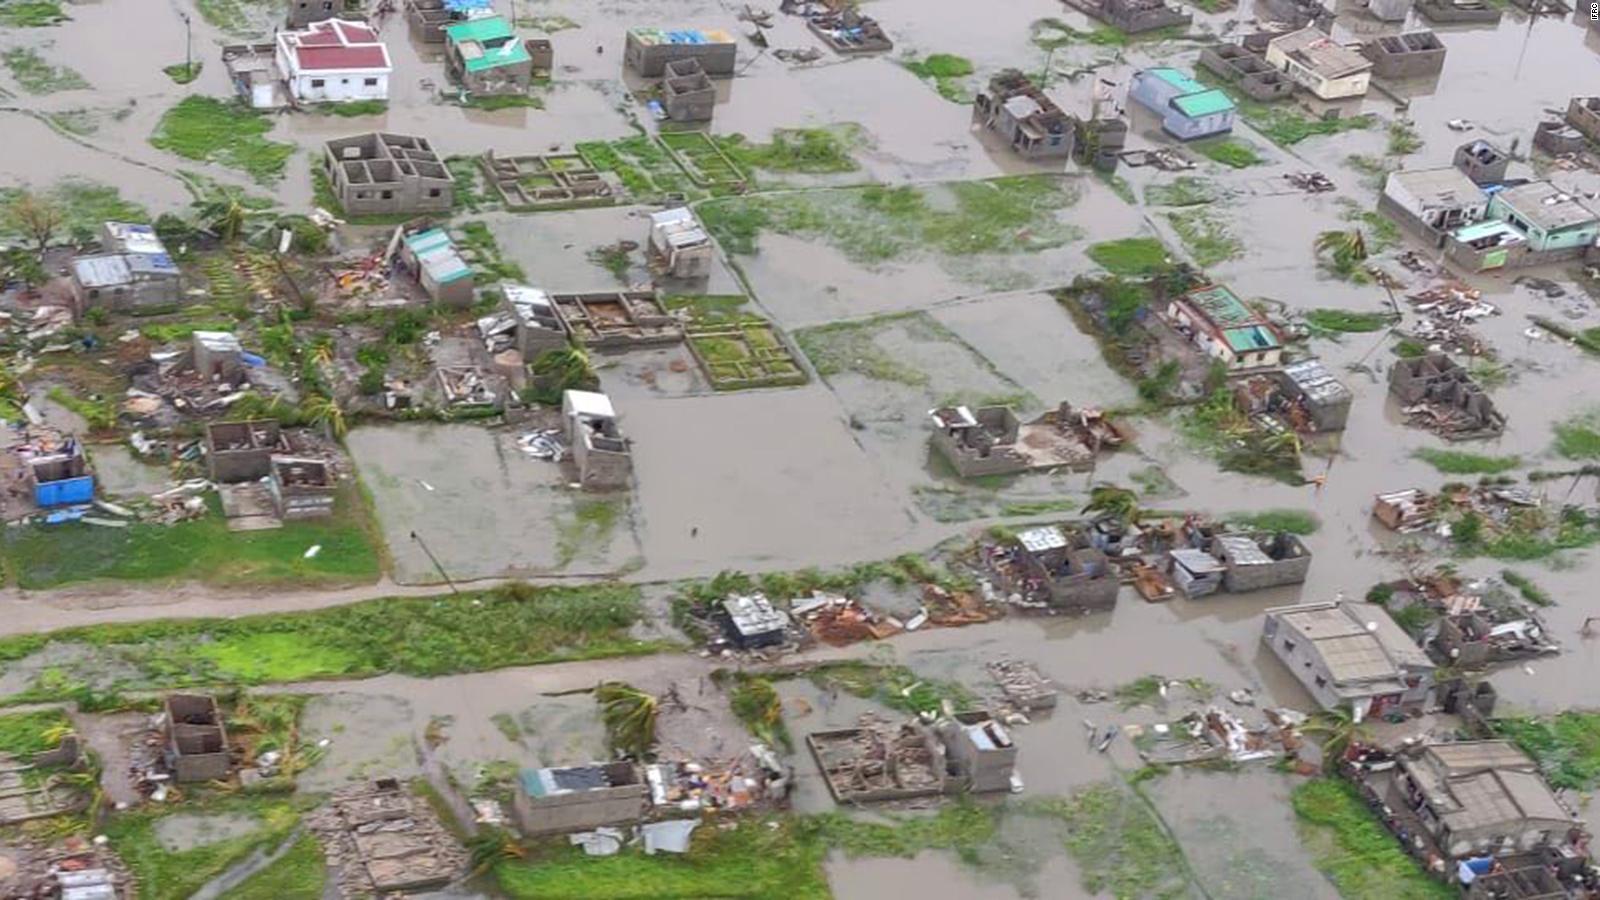 Construcción de casas para familias desplazadas víctimas de las inundaciones en Khongolote.